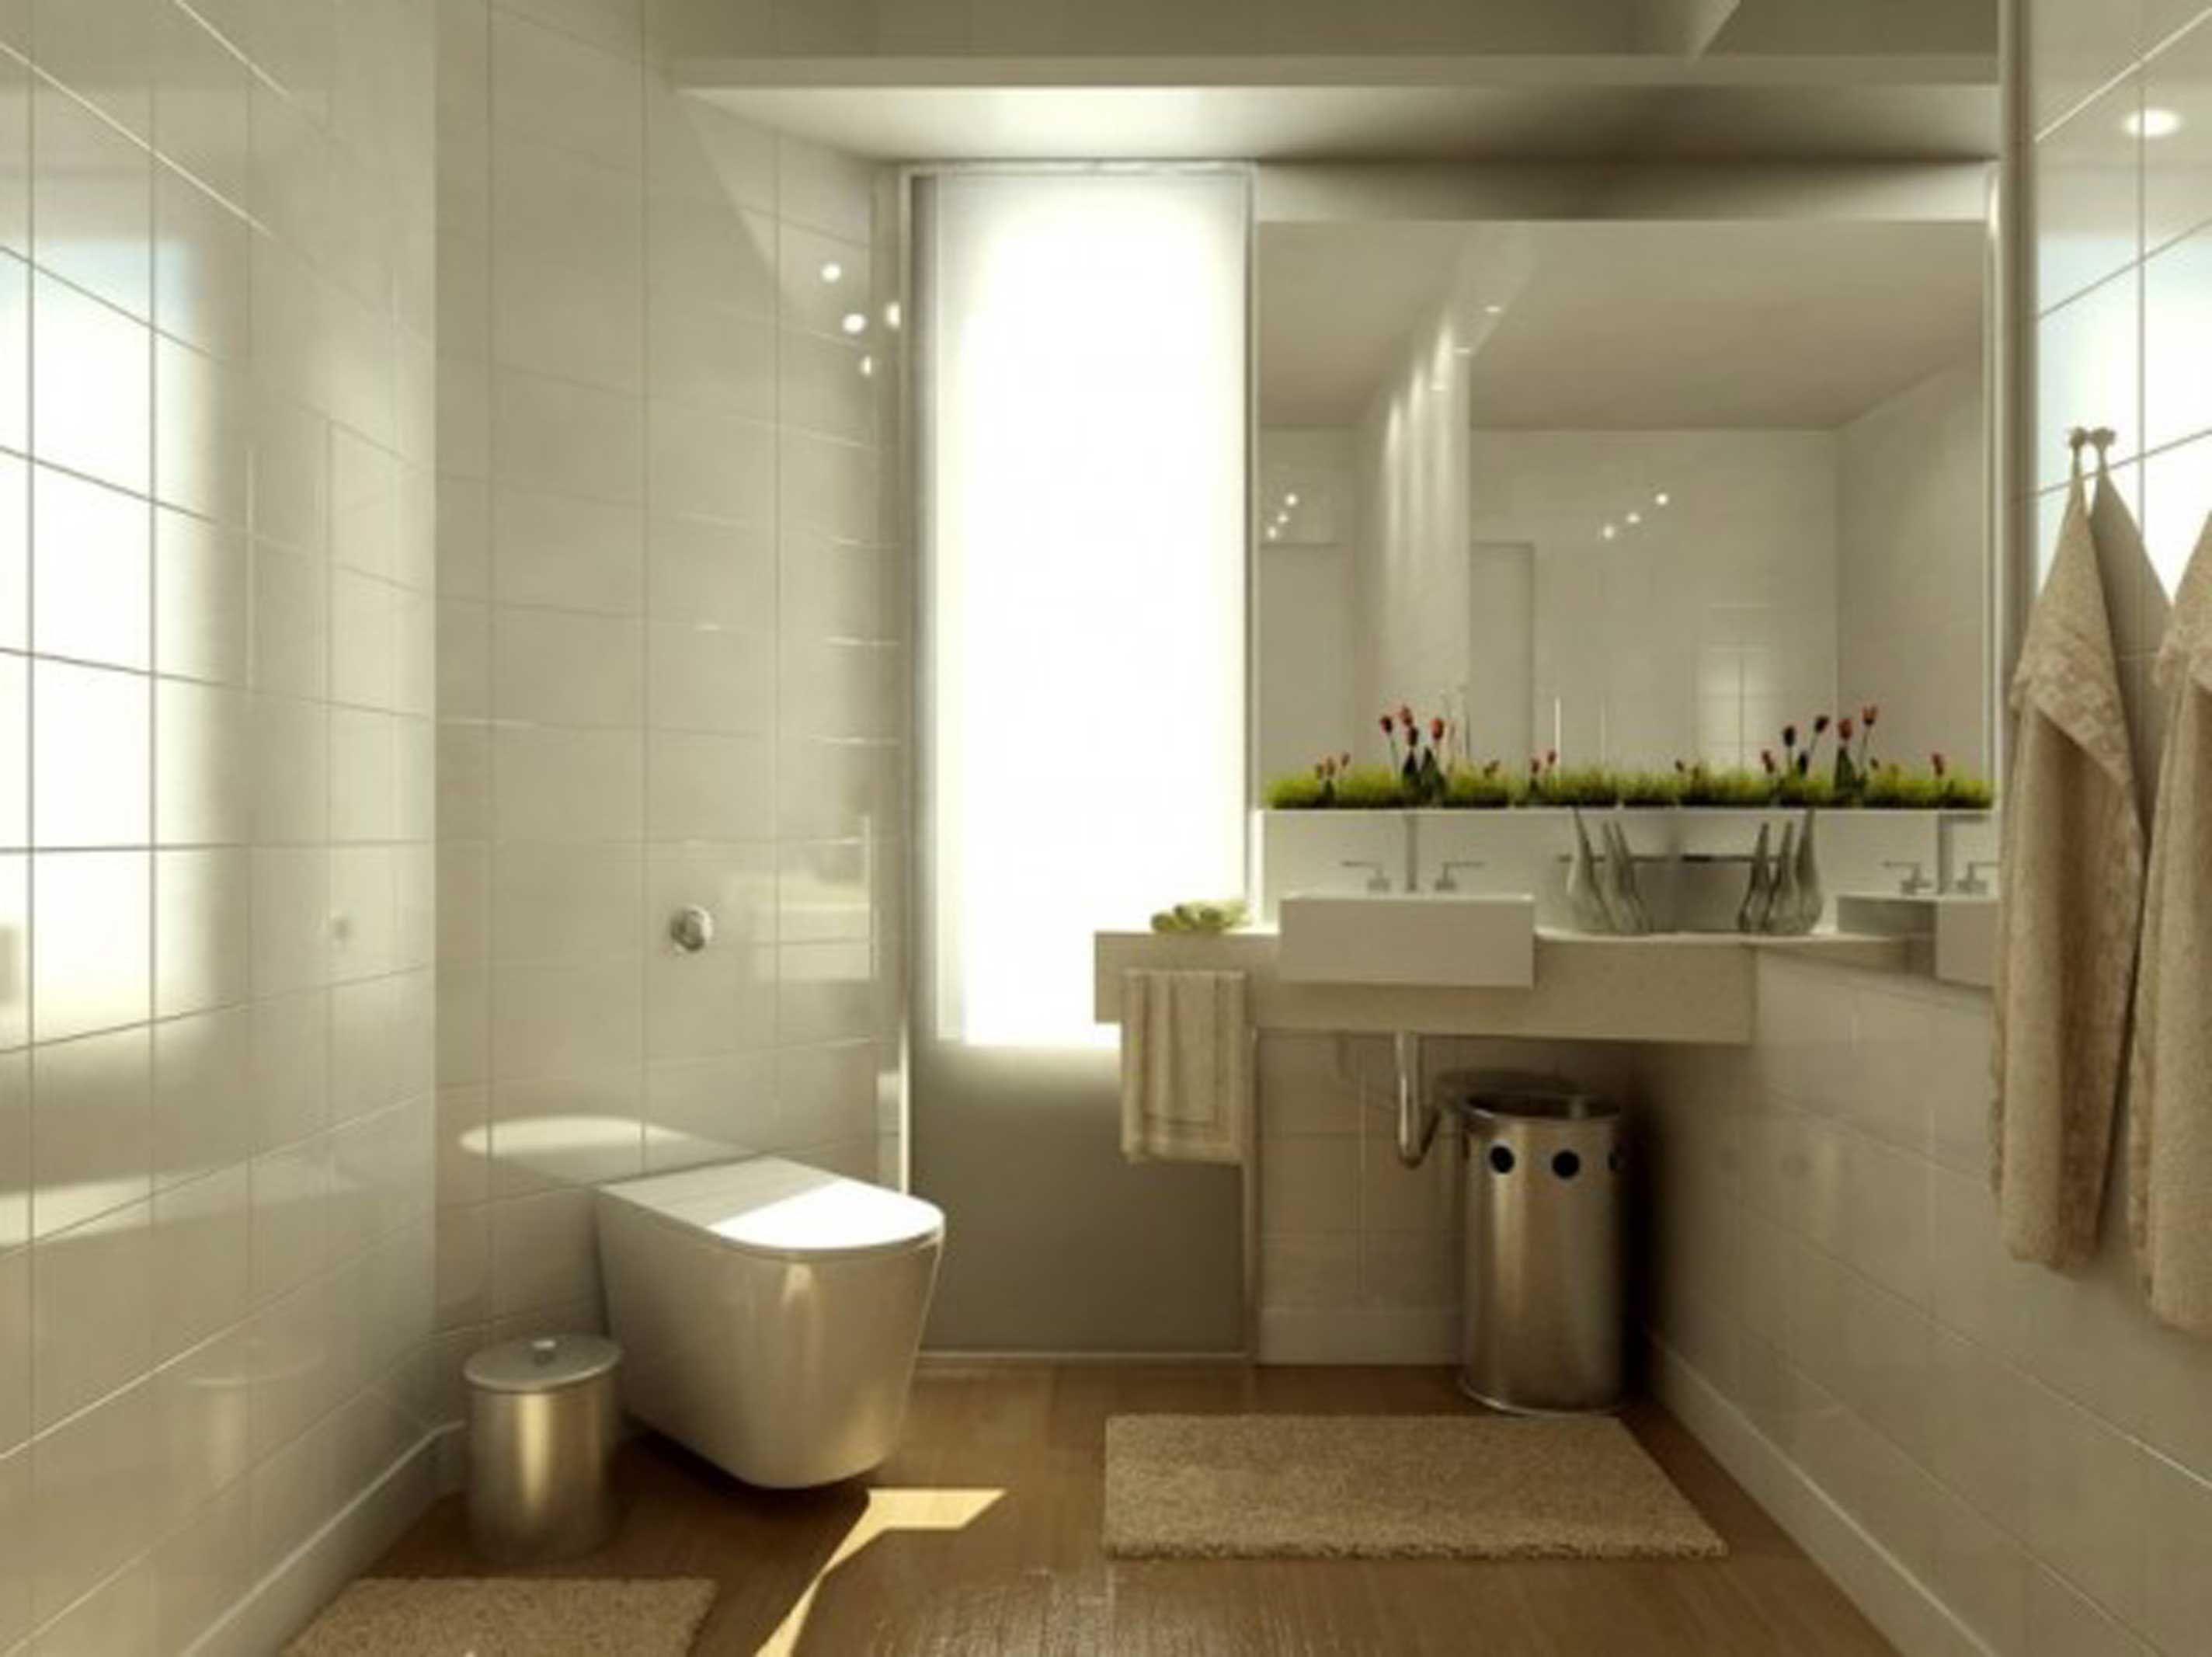 badkamer #inspiratie #wastafel #toilet #hangend #tegels #sfeer ...